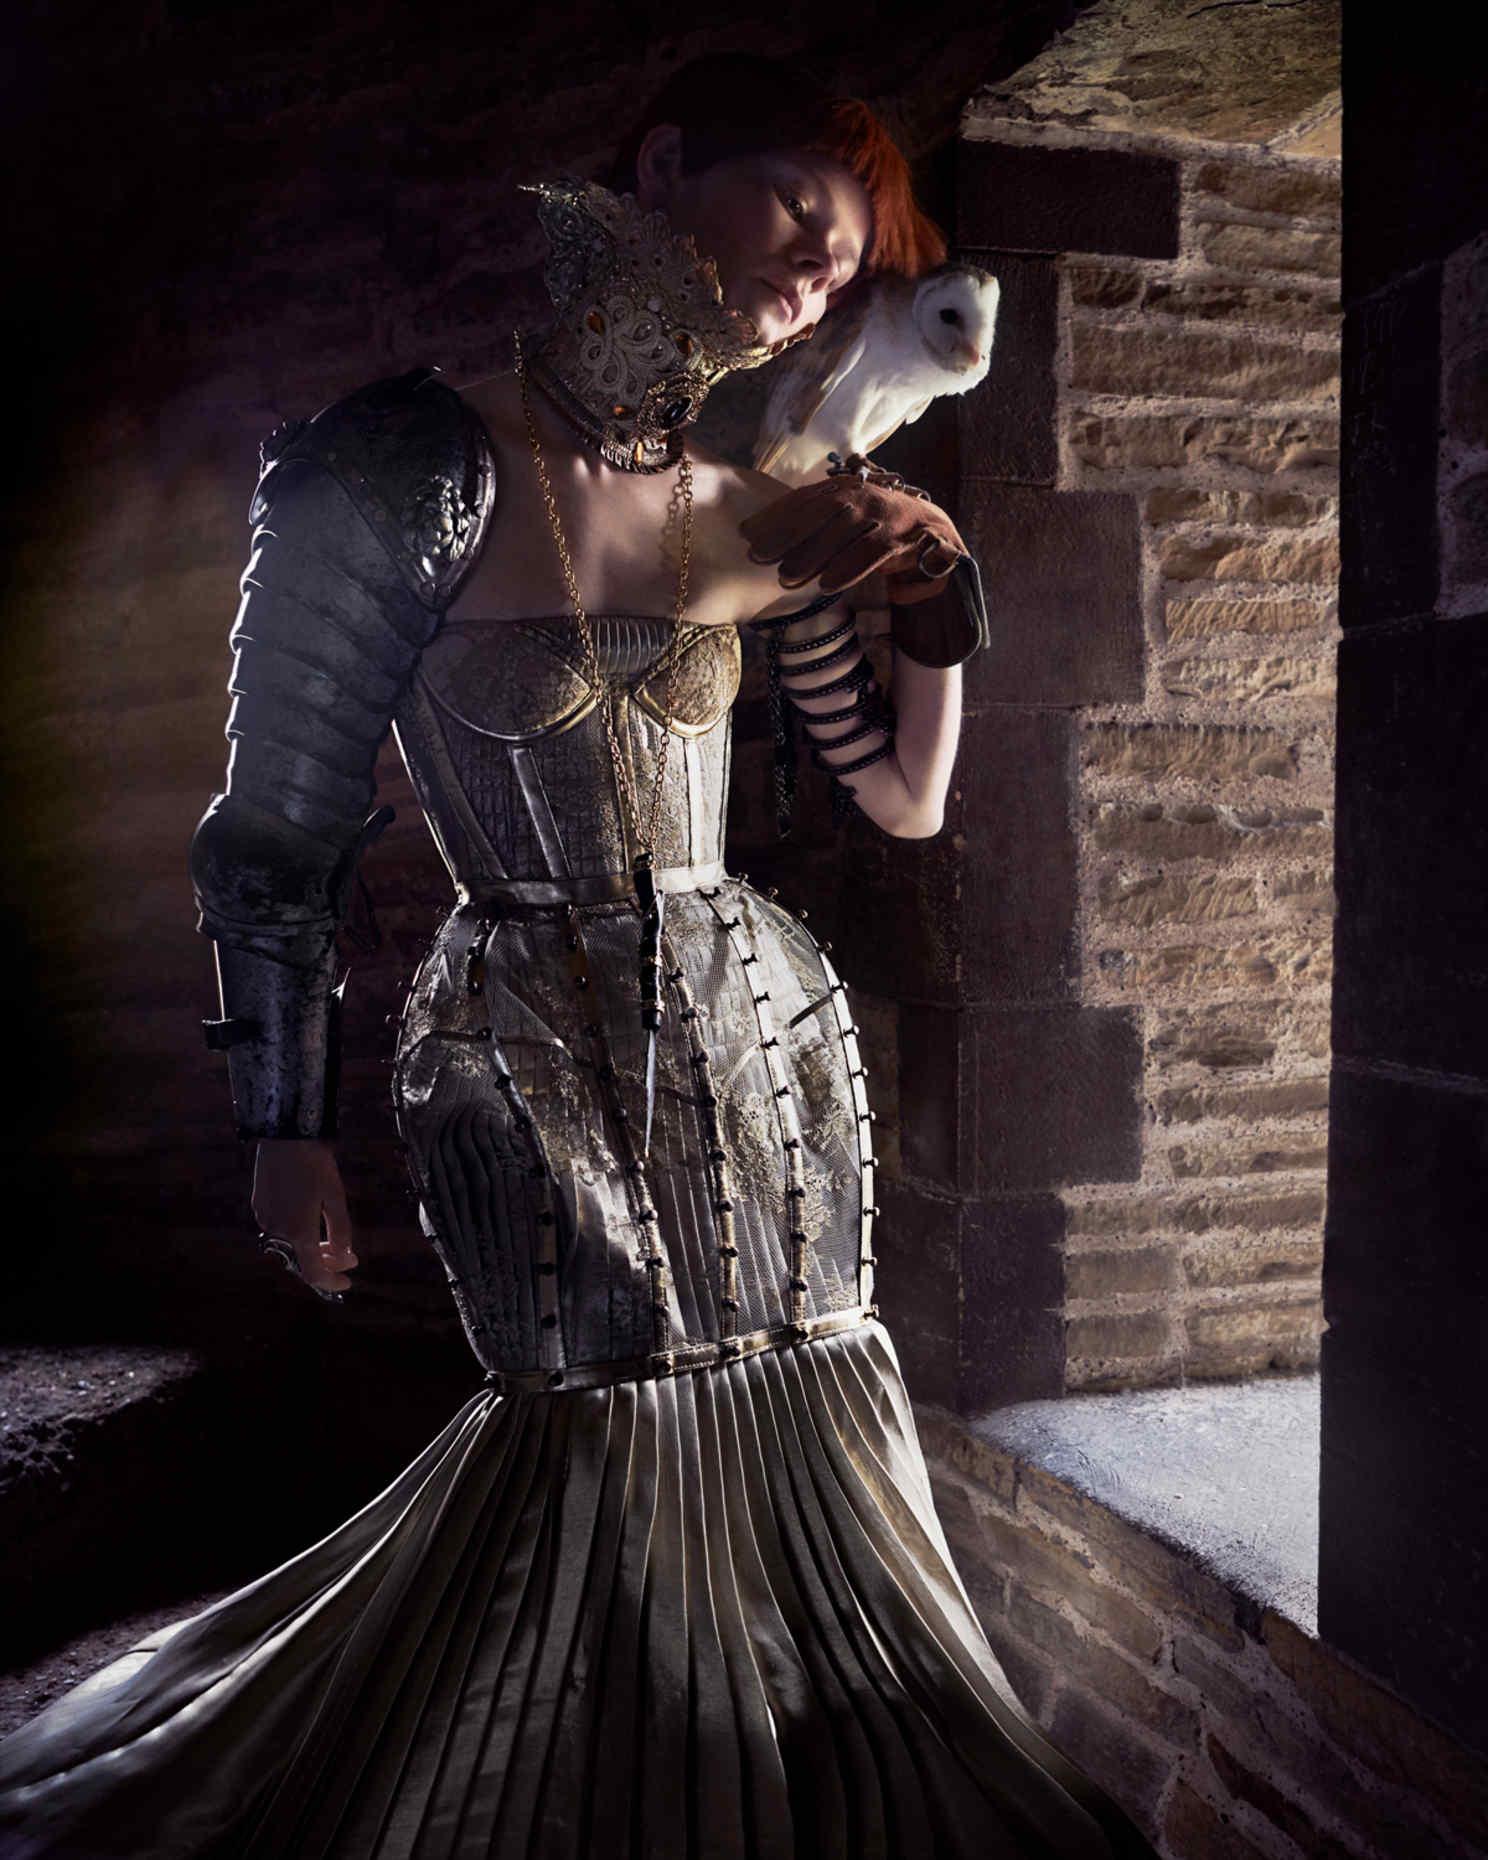 Irina Kravchenko by Damian Foxe HTSI Mag (9).jpg